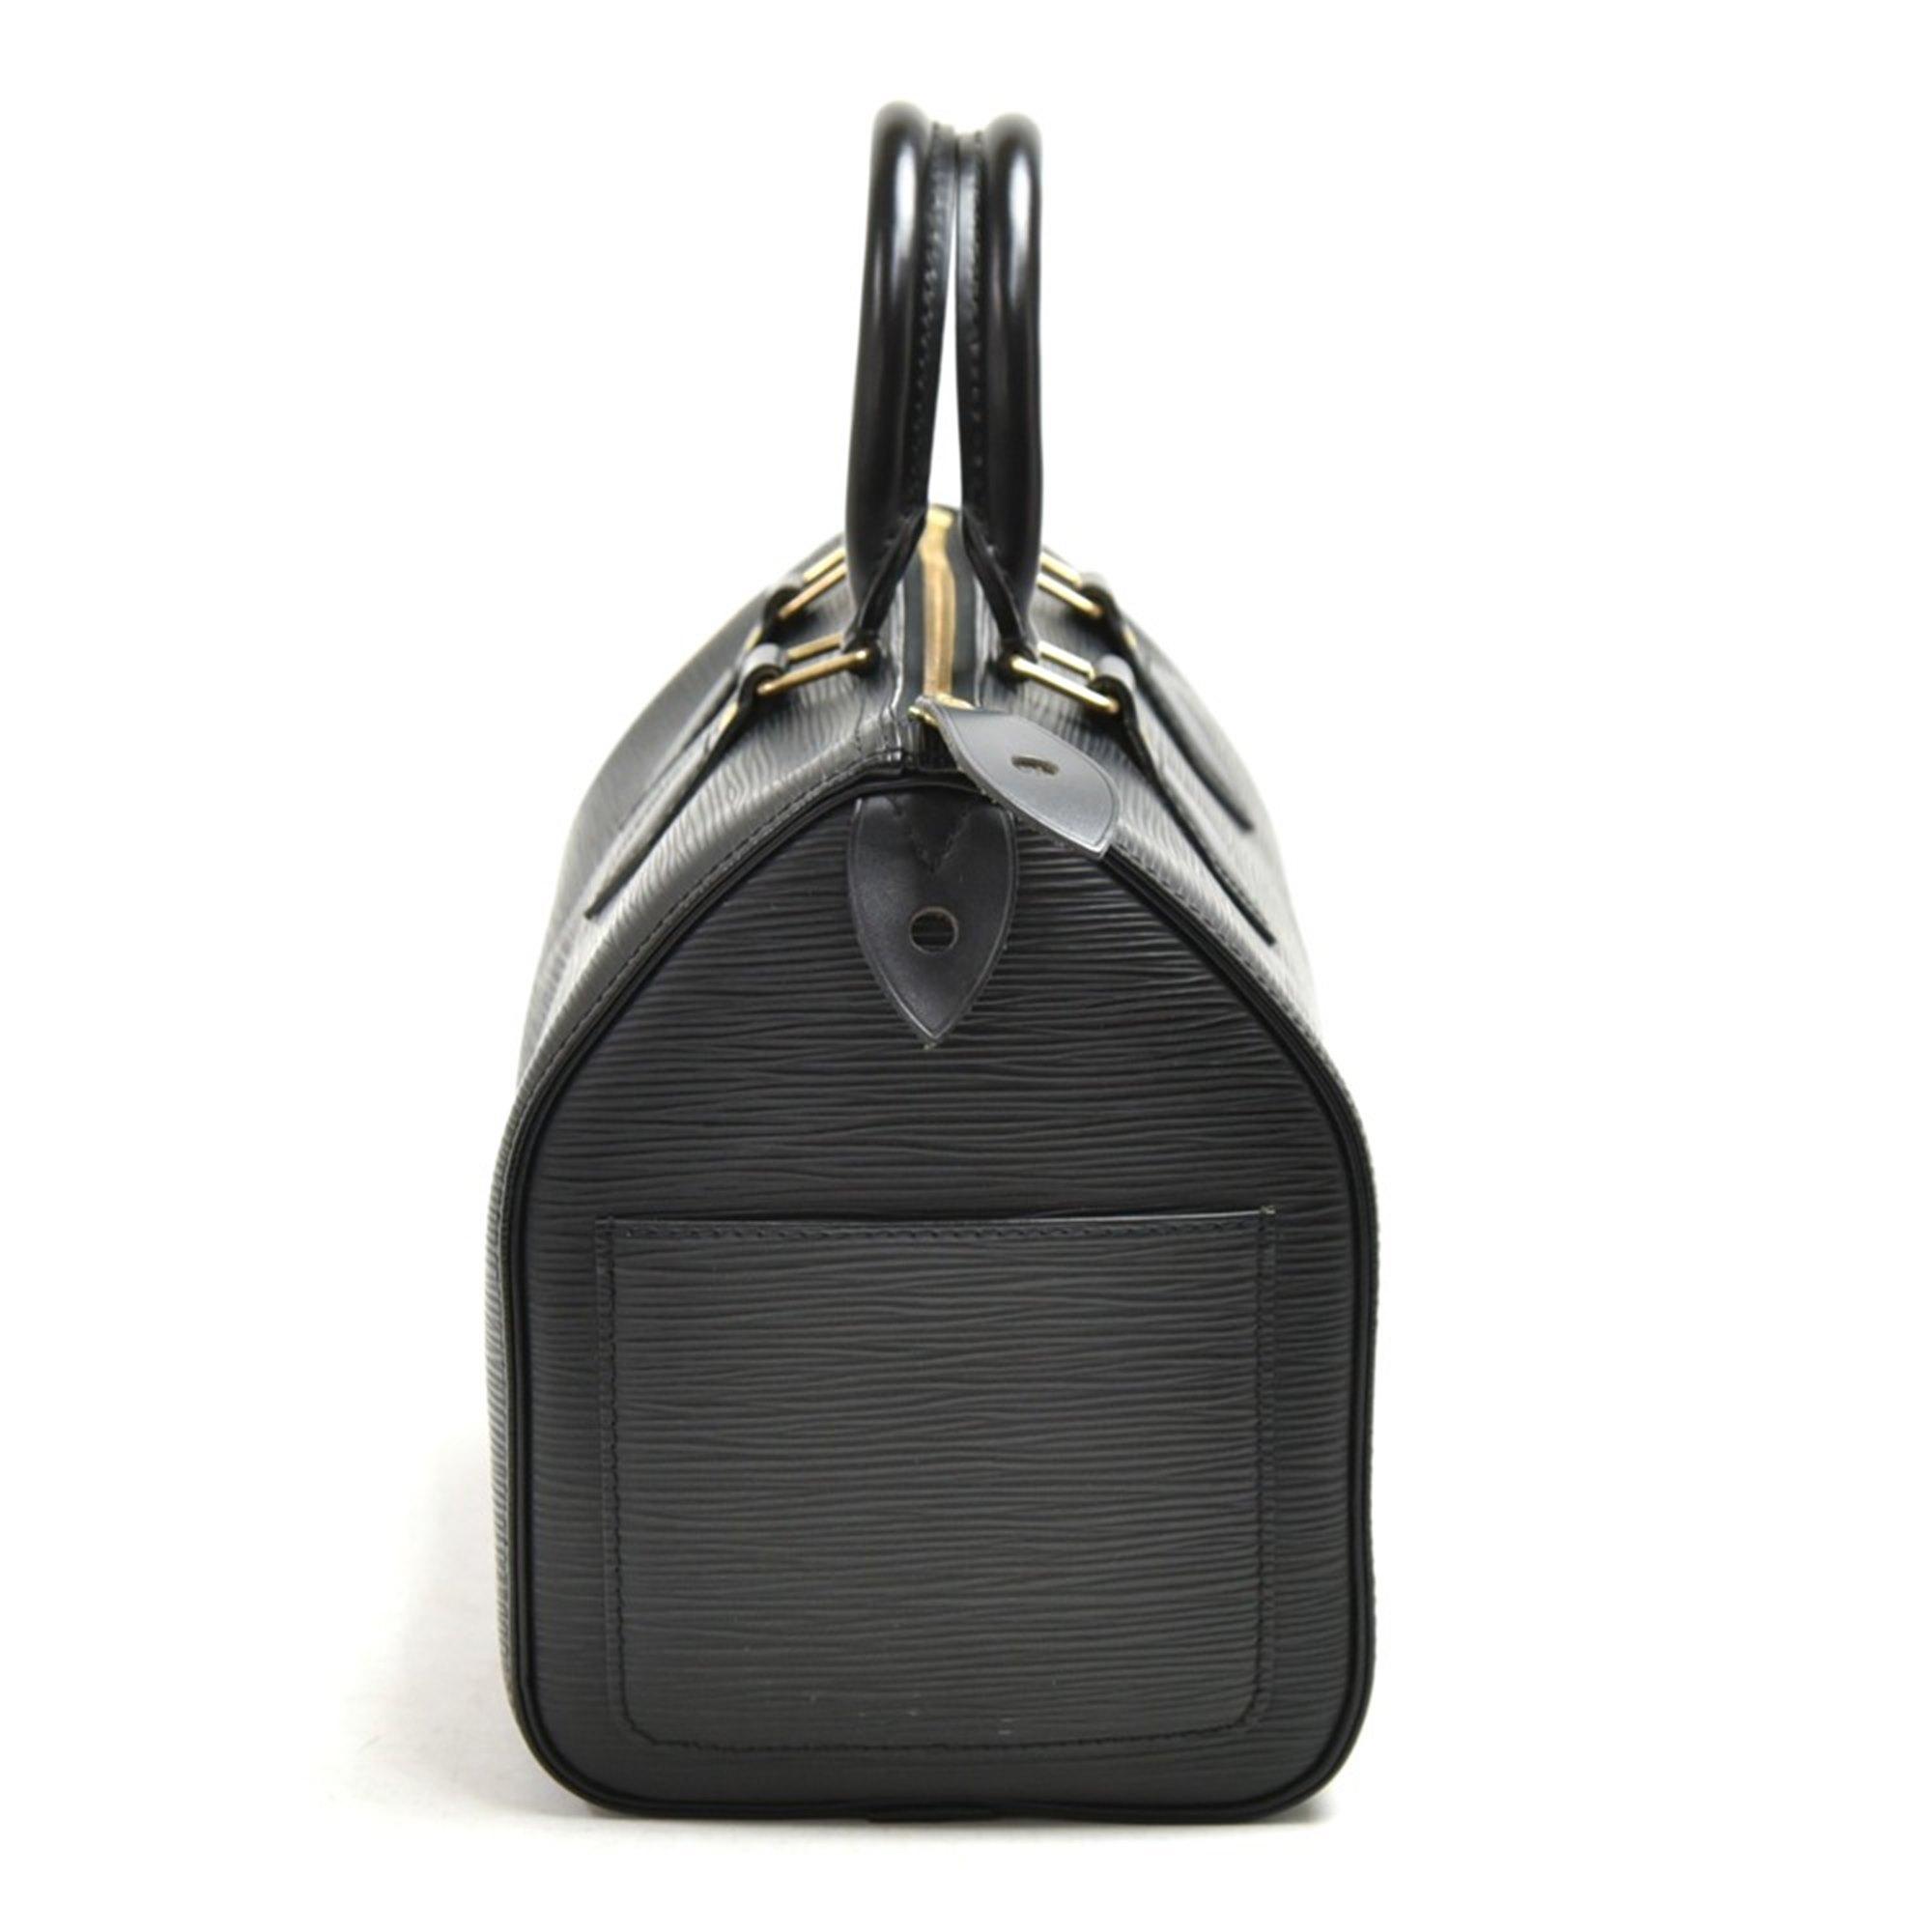 Louis Vuitton Black Epi Leather Vintage Speedy 25cm